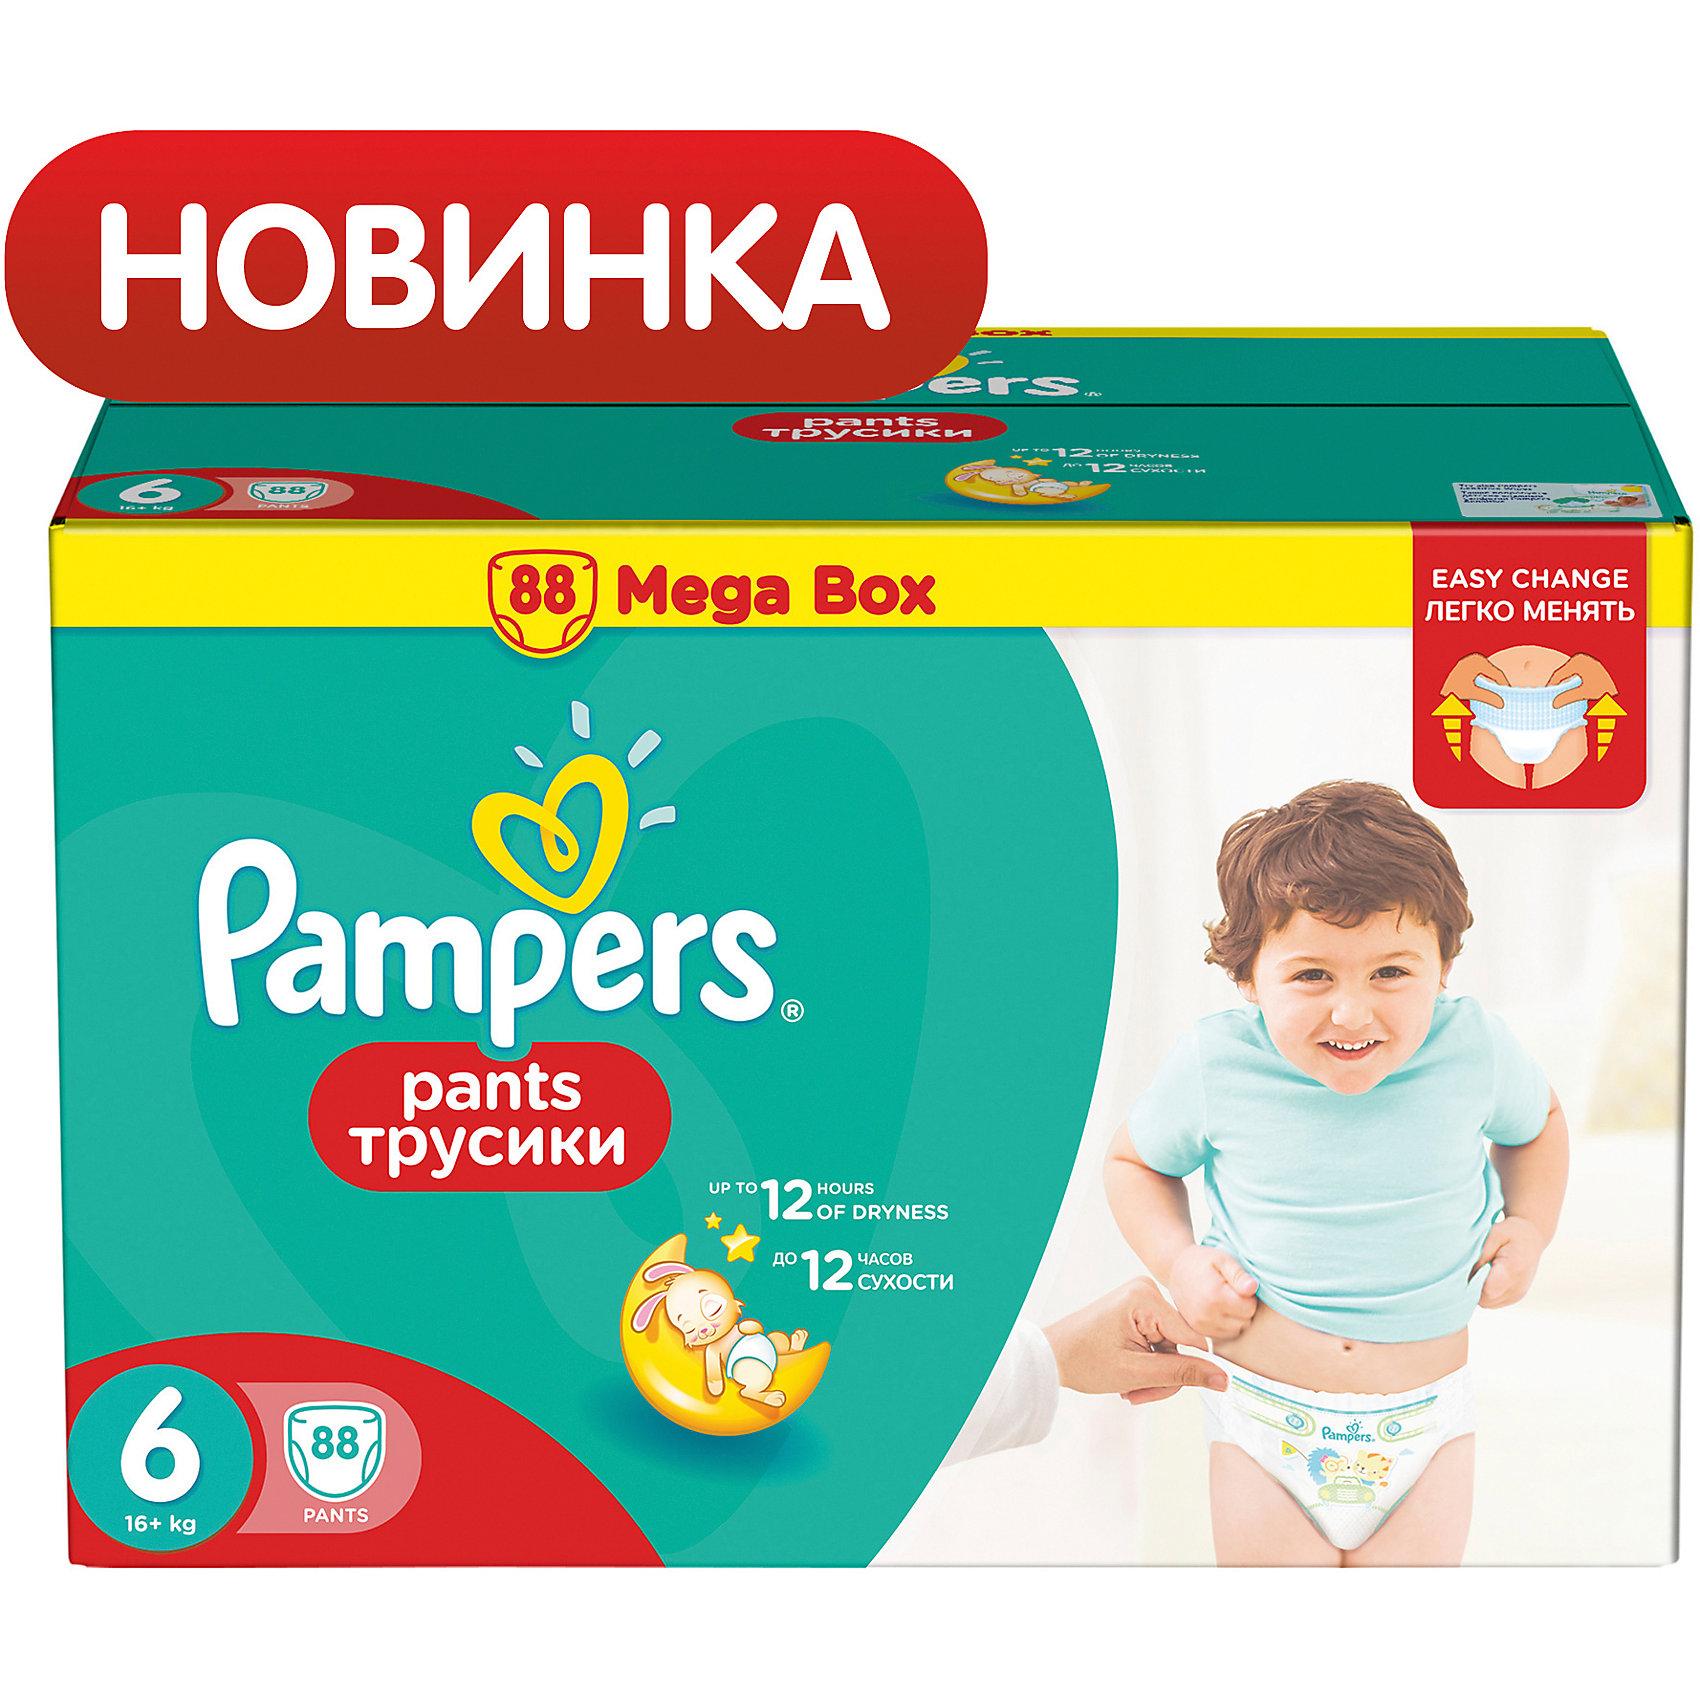 Трусики-подгузники Pampers Pants Extra Large, 16+ кг., 88 шт.Подгузники более 12 кг.<br>Трусики-подгузники Pampers Pants Extra Large (Памперс пантс), 16+ кг., 88 шт.<br><br>Характеристики:<br><br>• впитывают и удерживают влагу до 12 часов<br>• дополнительный впитывающий слой<br>• эластичный поясок и манжеты не стесняют движений крохи<br>• дышащие материалы обеспечивают правильную микроциркуляцию кожи<br>• легко снимать и надевать<br>• состав бальзама: вазелин, стеариловый спирт, медицинский жидкий парафин, экстракт листа алоэ<br>• размер: от 16 кг<br>• количество: 88 шт.<br>• размер упаковки: 31,8х27,3х49,5 см<br>• вес: 3732 грамма<br><br>Ваш кроха очень быстро растет и активно познает мир. Чтобы у малыша была энергия для игры, ему необходим крепкий здоровый сон. Трусики-подгузники Pampers Pants Extra Large обеспечат вашей крохе сухую ночь и комфортный сон. Они быстро впитывают влагу и удерживают ее внутри до 12 часов. Дышащие материалы трусиков пропускают воздух, позволяя коже дышать. Эластичность манжетов и поясков позволяет малышу активно двигаться, не стесняя его движений. Трусики-подгузники легко надеть даже на активного непоседу. Снять их можно просто разорвав сбоку. С этими подгузниками ваш ребенок с радостью будет познавать окружающий мир!<br><br>Трусики-подгузники Pampers Pants Extra Large (Памперс пантс), 16+ кг., 88 шт. вы можете купить в нашем интернет-магазине.<br><br>Ширина мм: 495<br>Глубина мм: 273<br>Высота мм: 318<br>Вес г: 3732<br>Возраст от месяцев: 12<br>Возраст до месяцев: 36<br>Пол: Унисекс<br>Возраст: Детский<br>SKU: 5422923